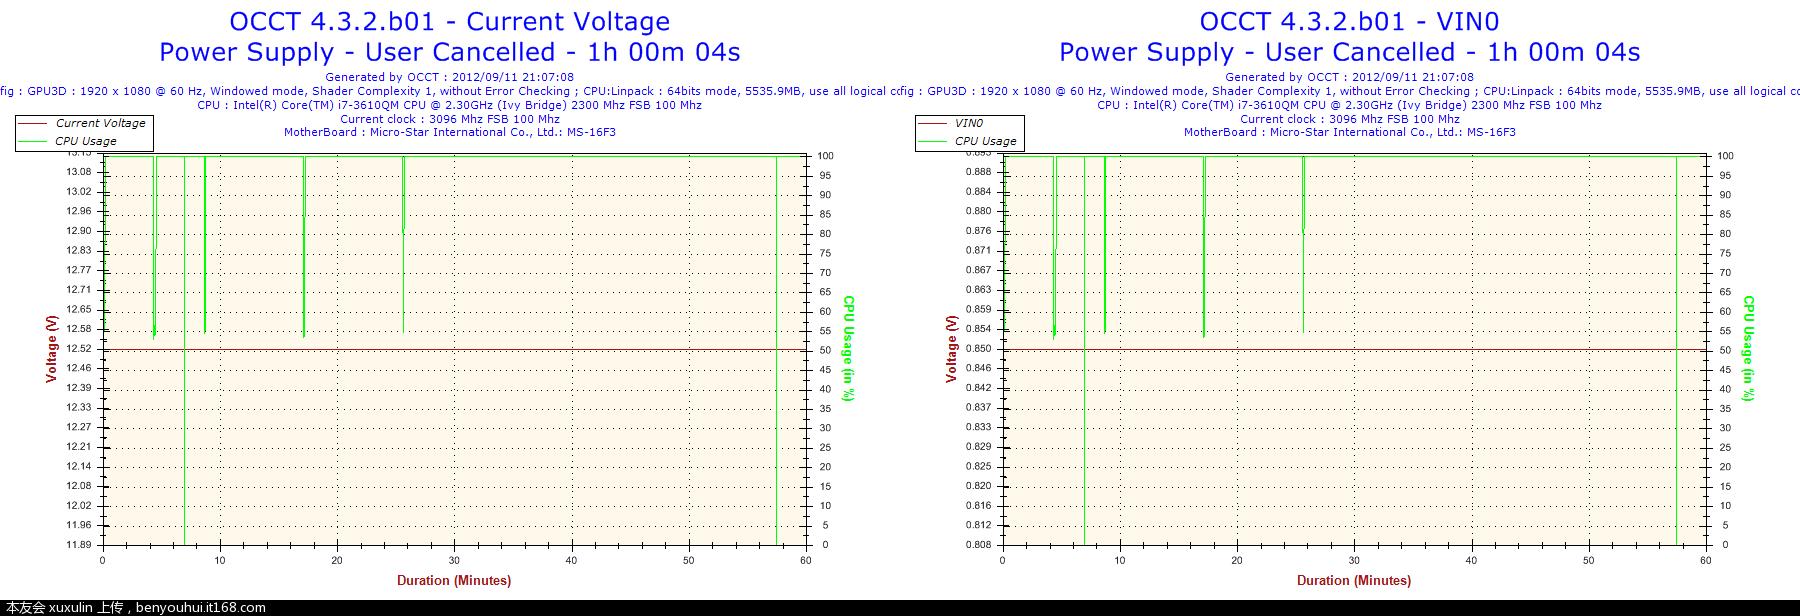 2012-09-11-21h07-Voltage-VIN0 a.png